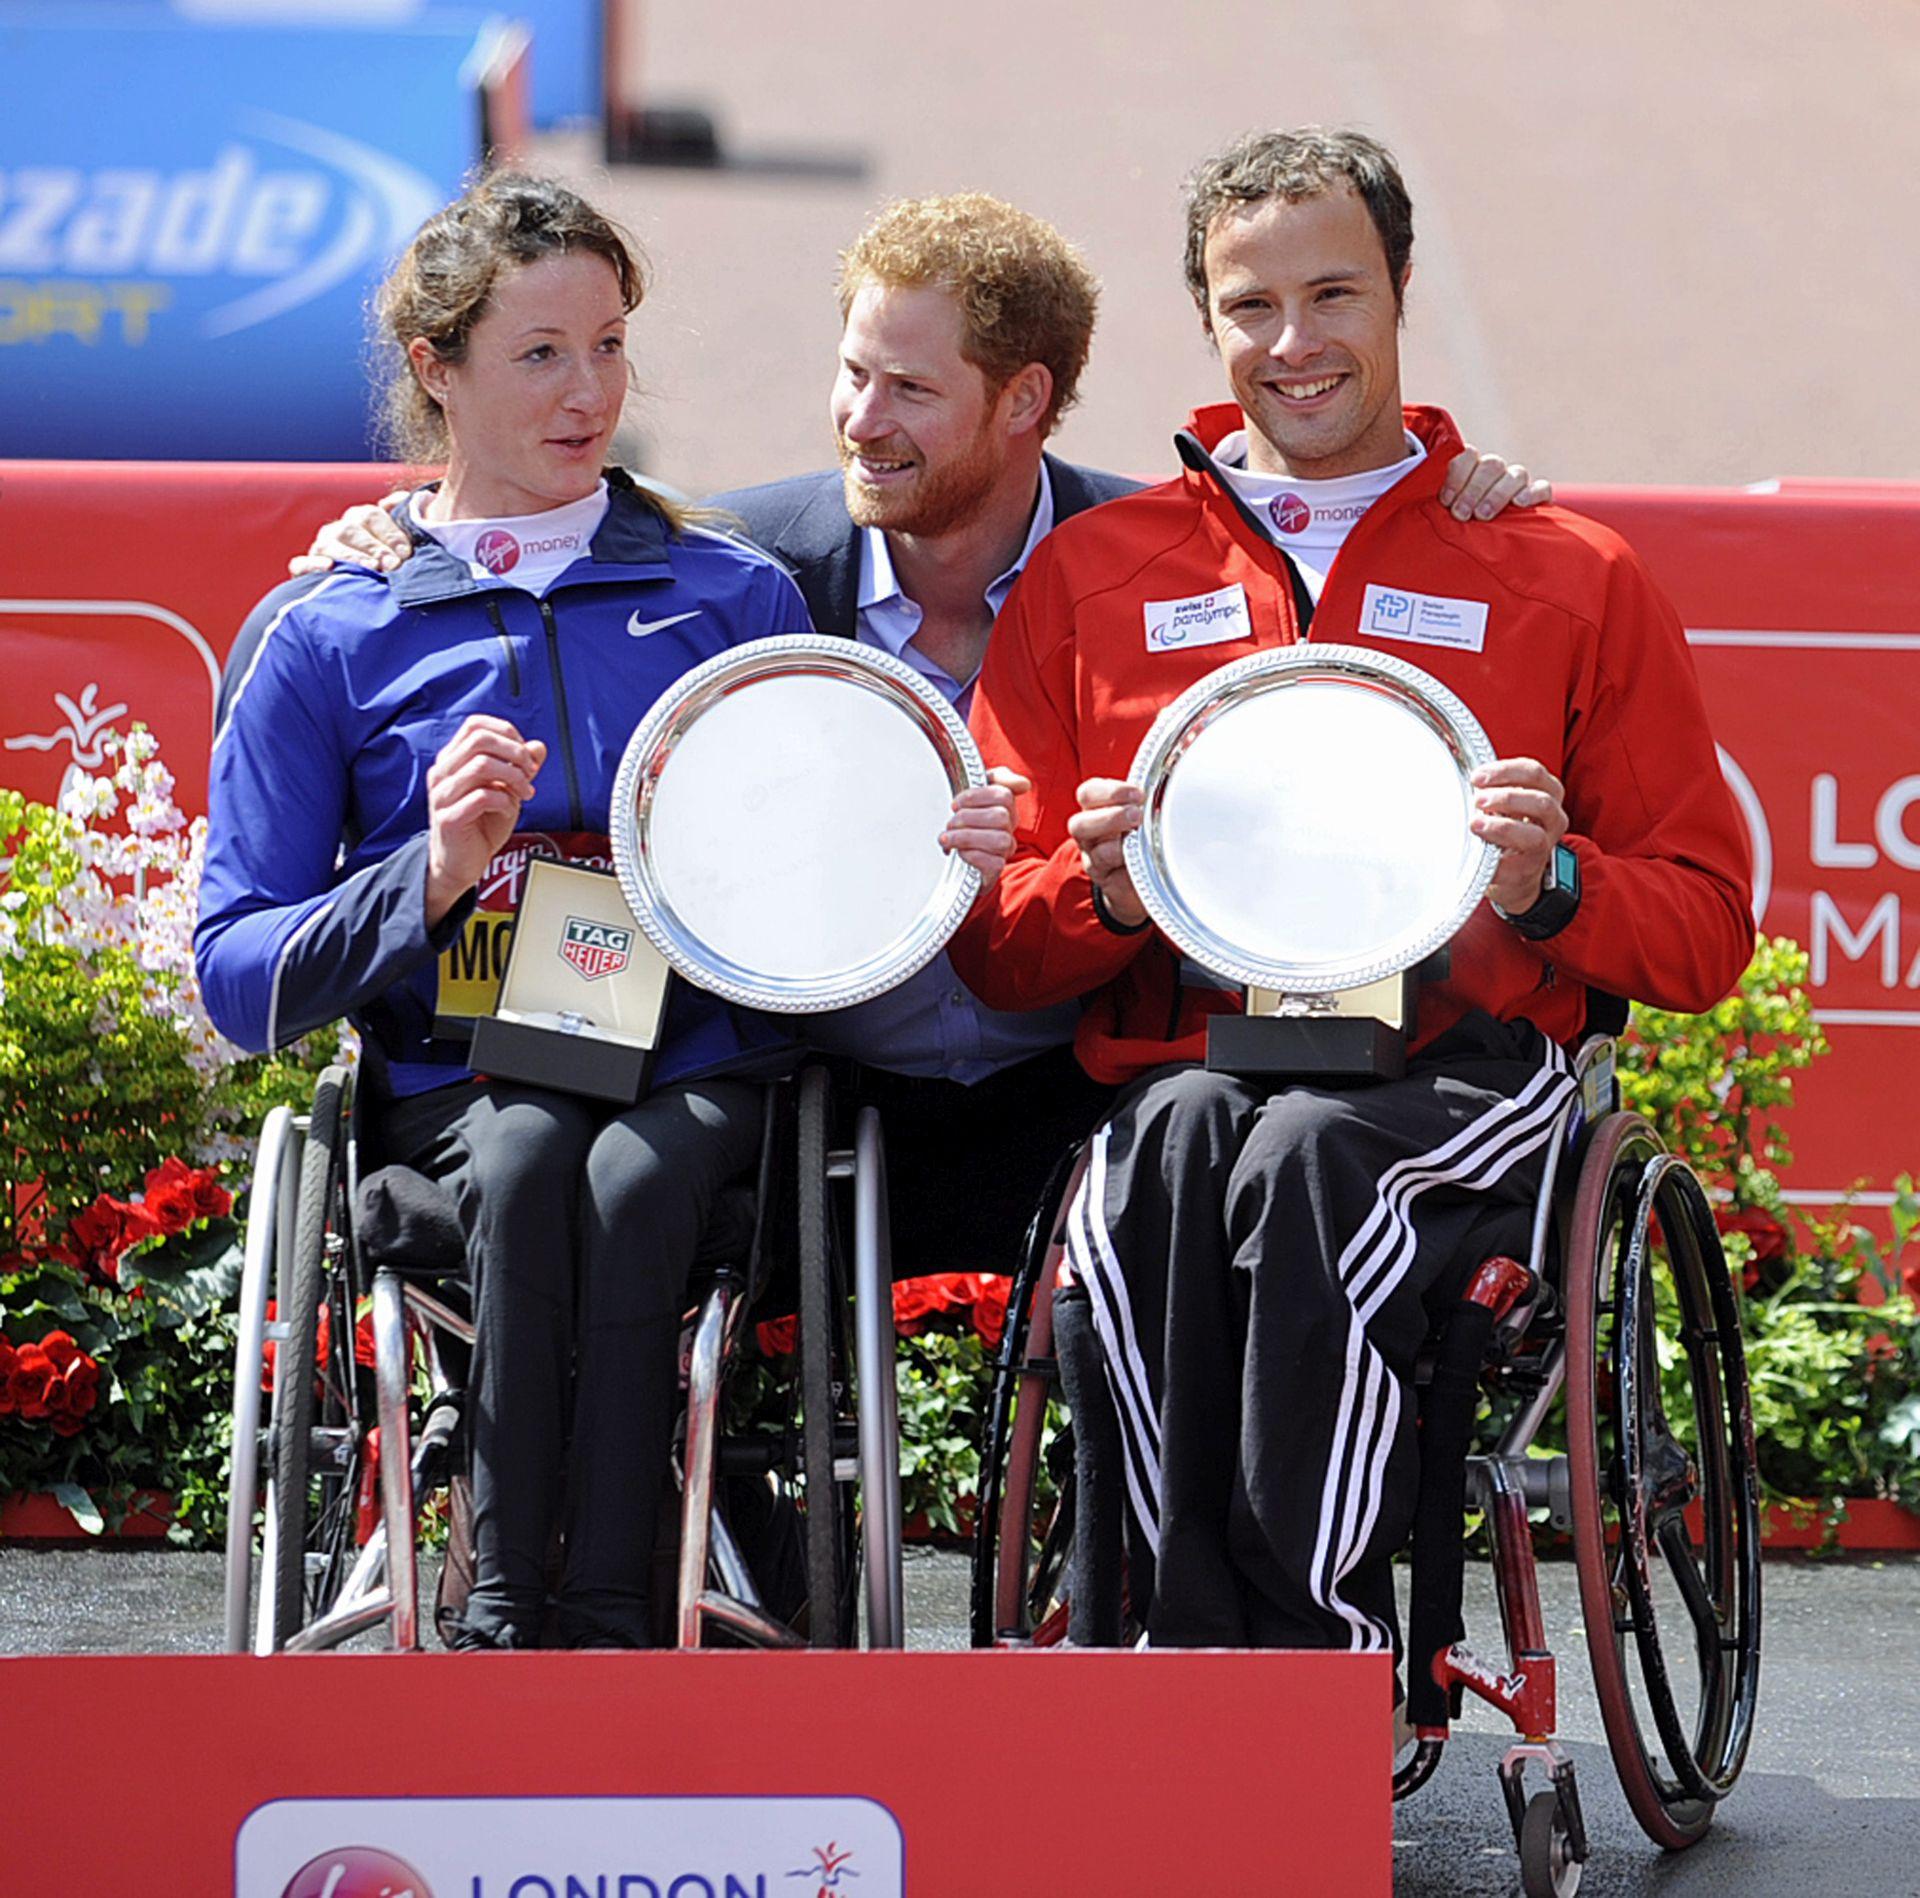 'IGRE NEPOBJEDIVIH': Princ Harry otvorio sportsko natjecanje ratnih veterana s invaliditetom